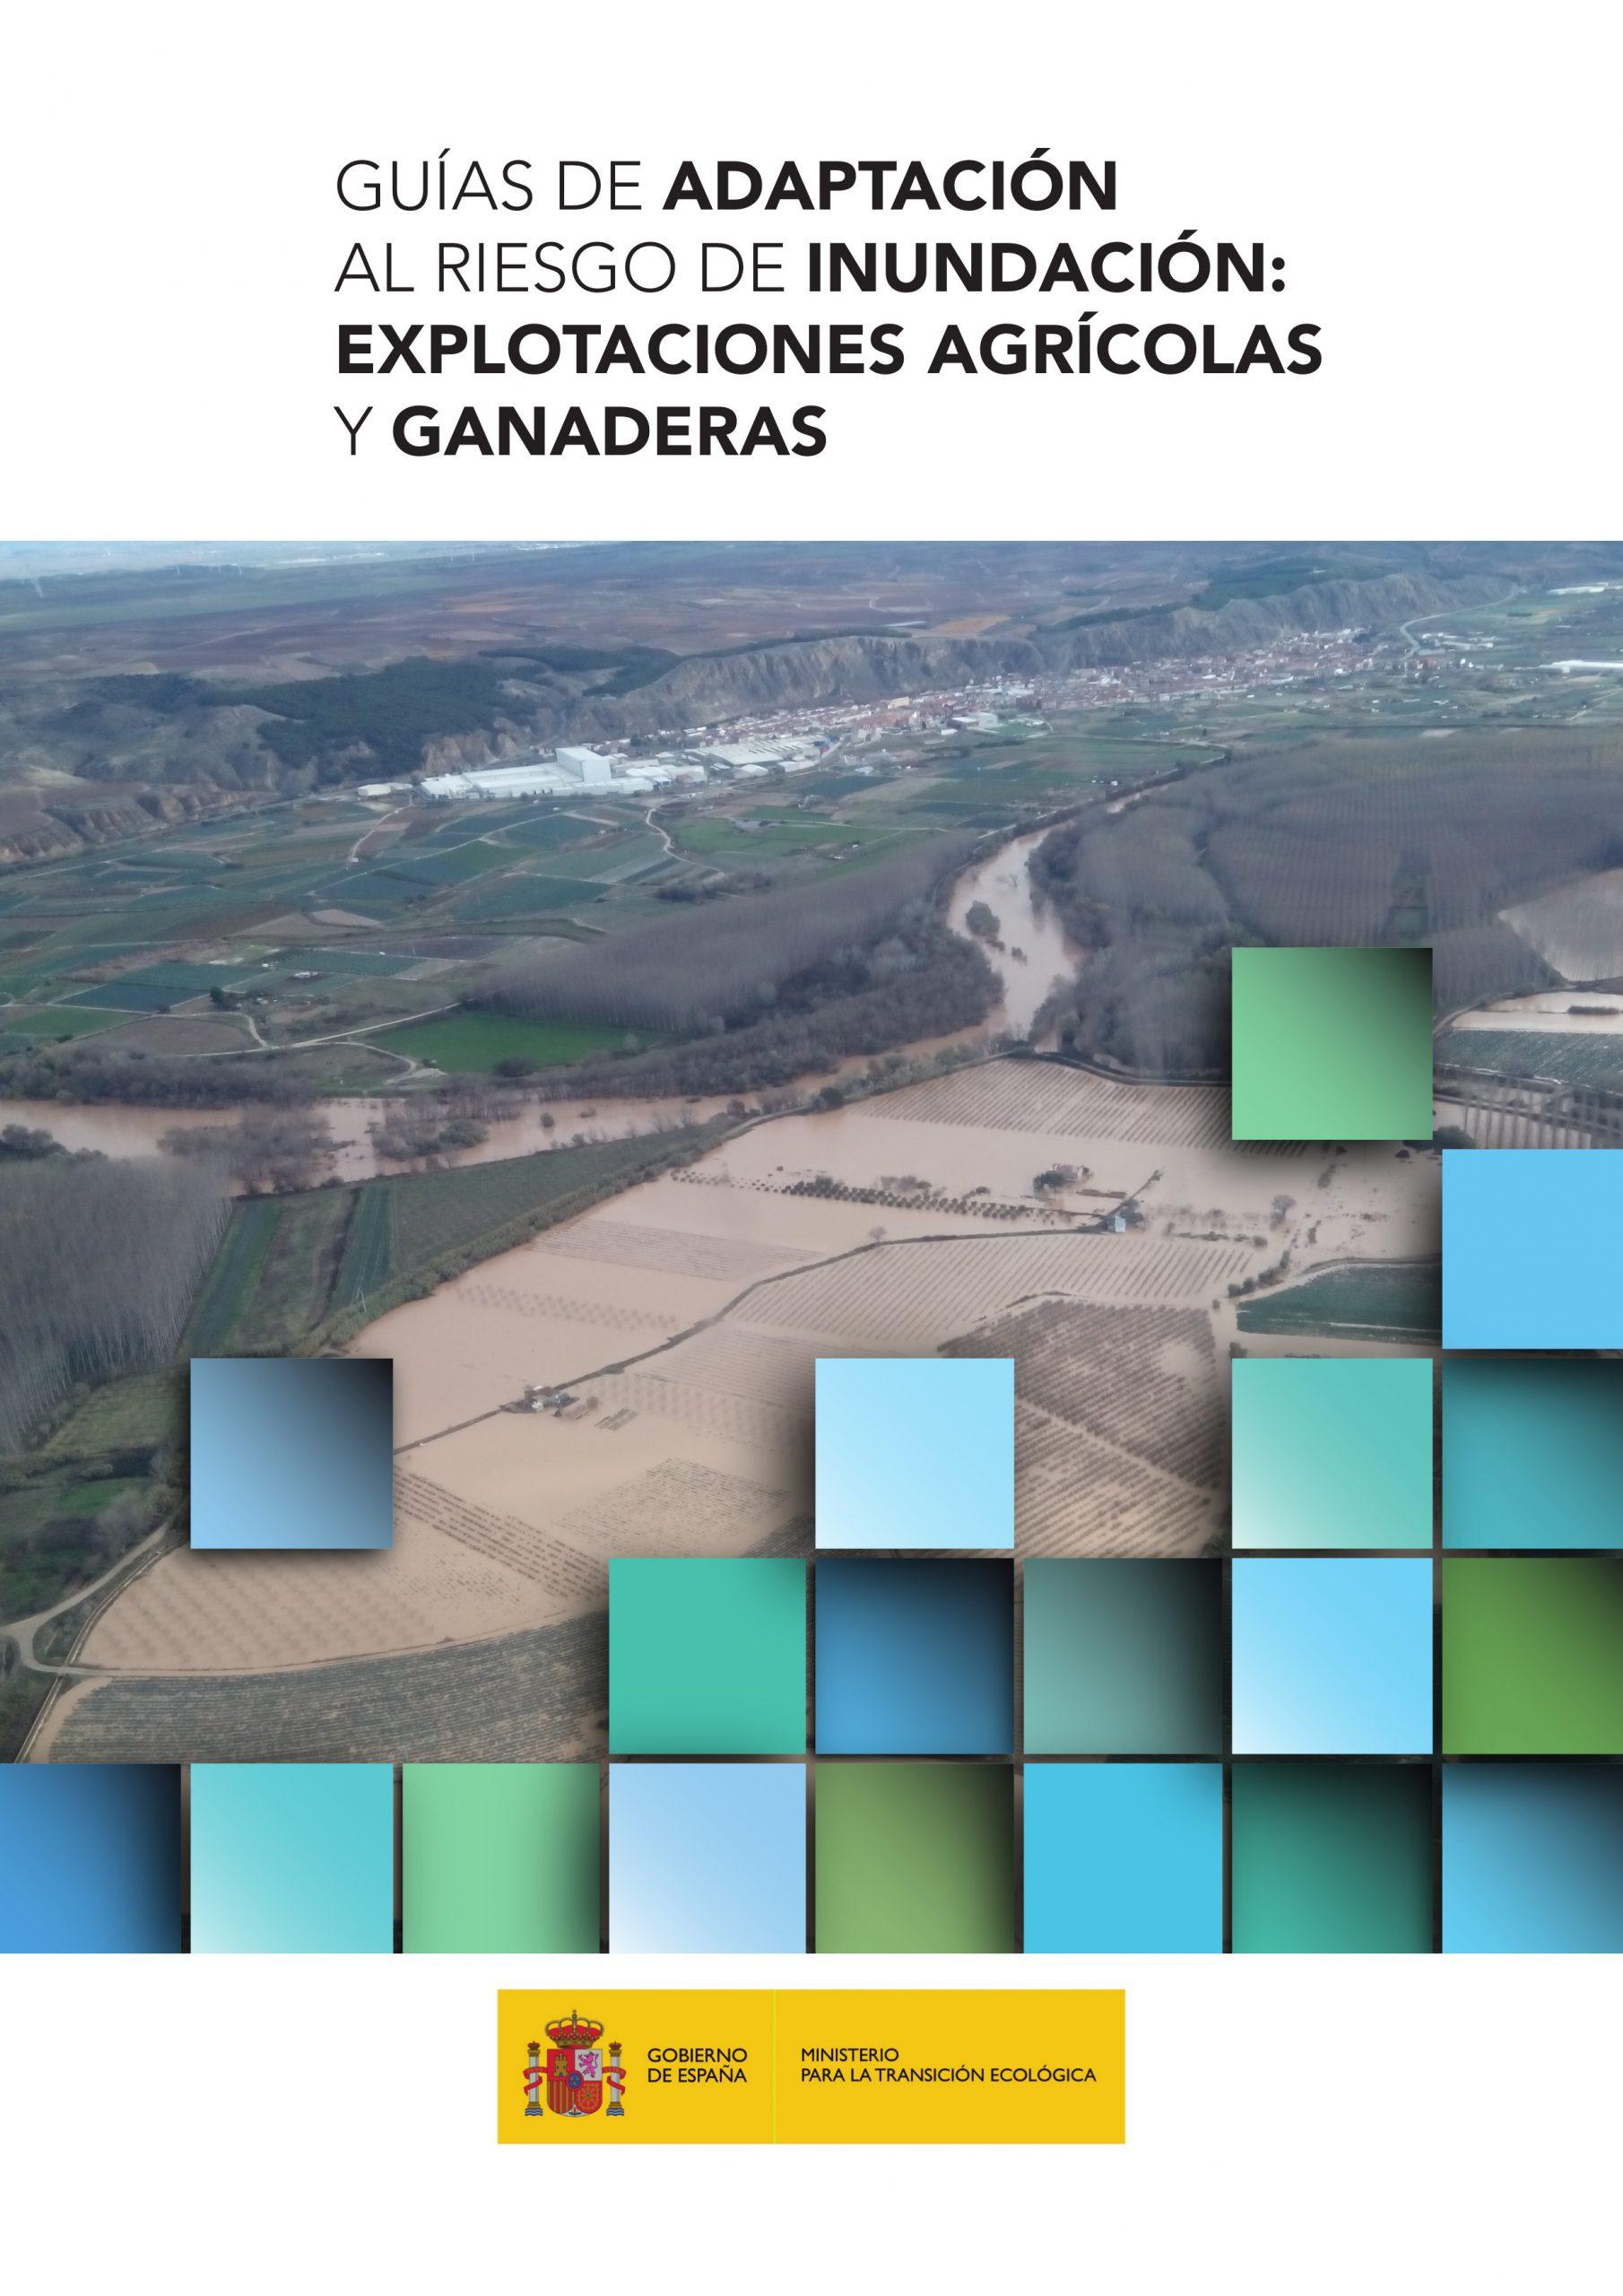 La evaluación del riesgo de inundación de explotaciones agroganaderas se exporta a otras cuencas